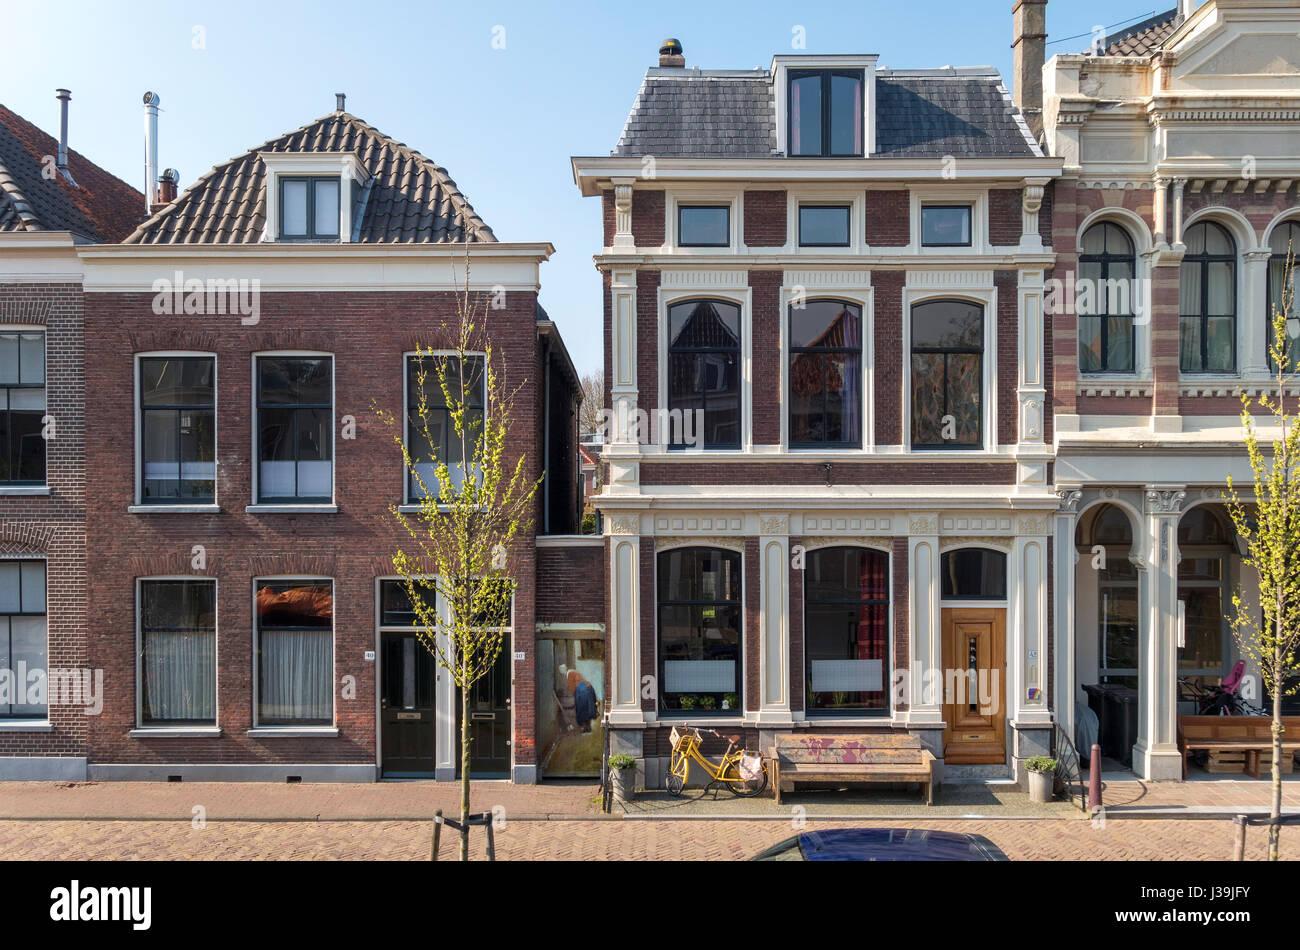 Delft Vermeer la piccola strada. Vlamingstraat 40 e 42 l'originale posizione esatta della piccola strada da Johannes o Jan Vermeer. Foto Stock